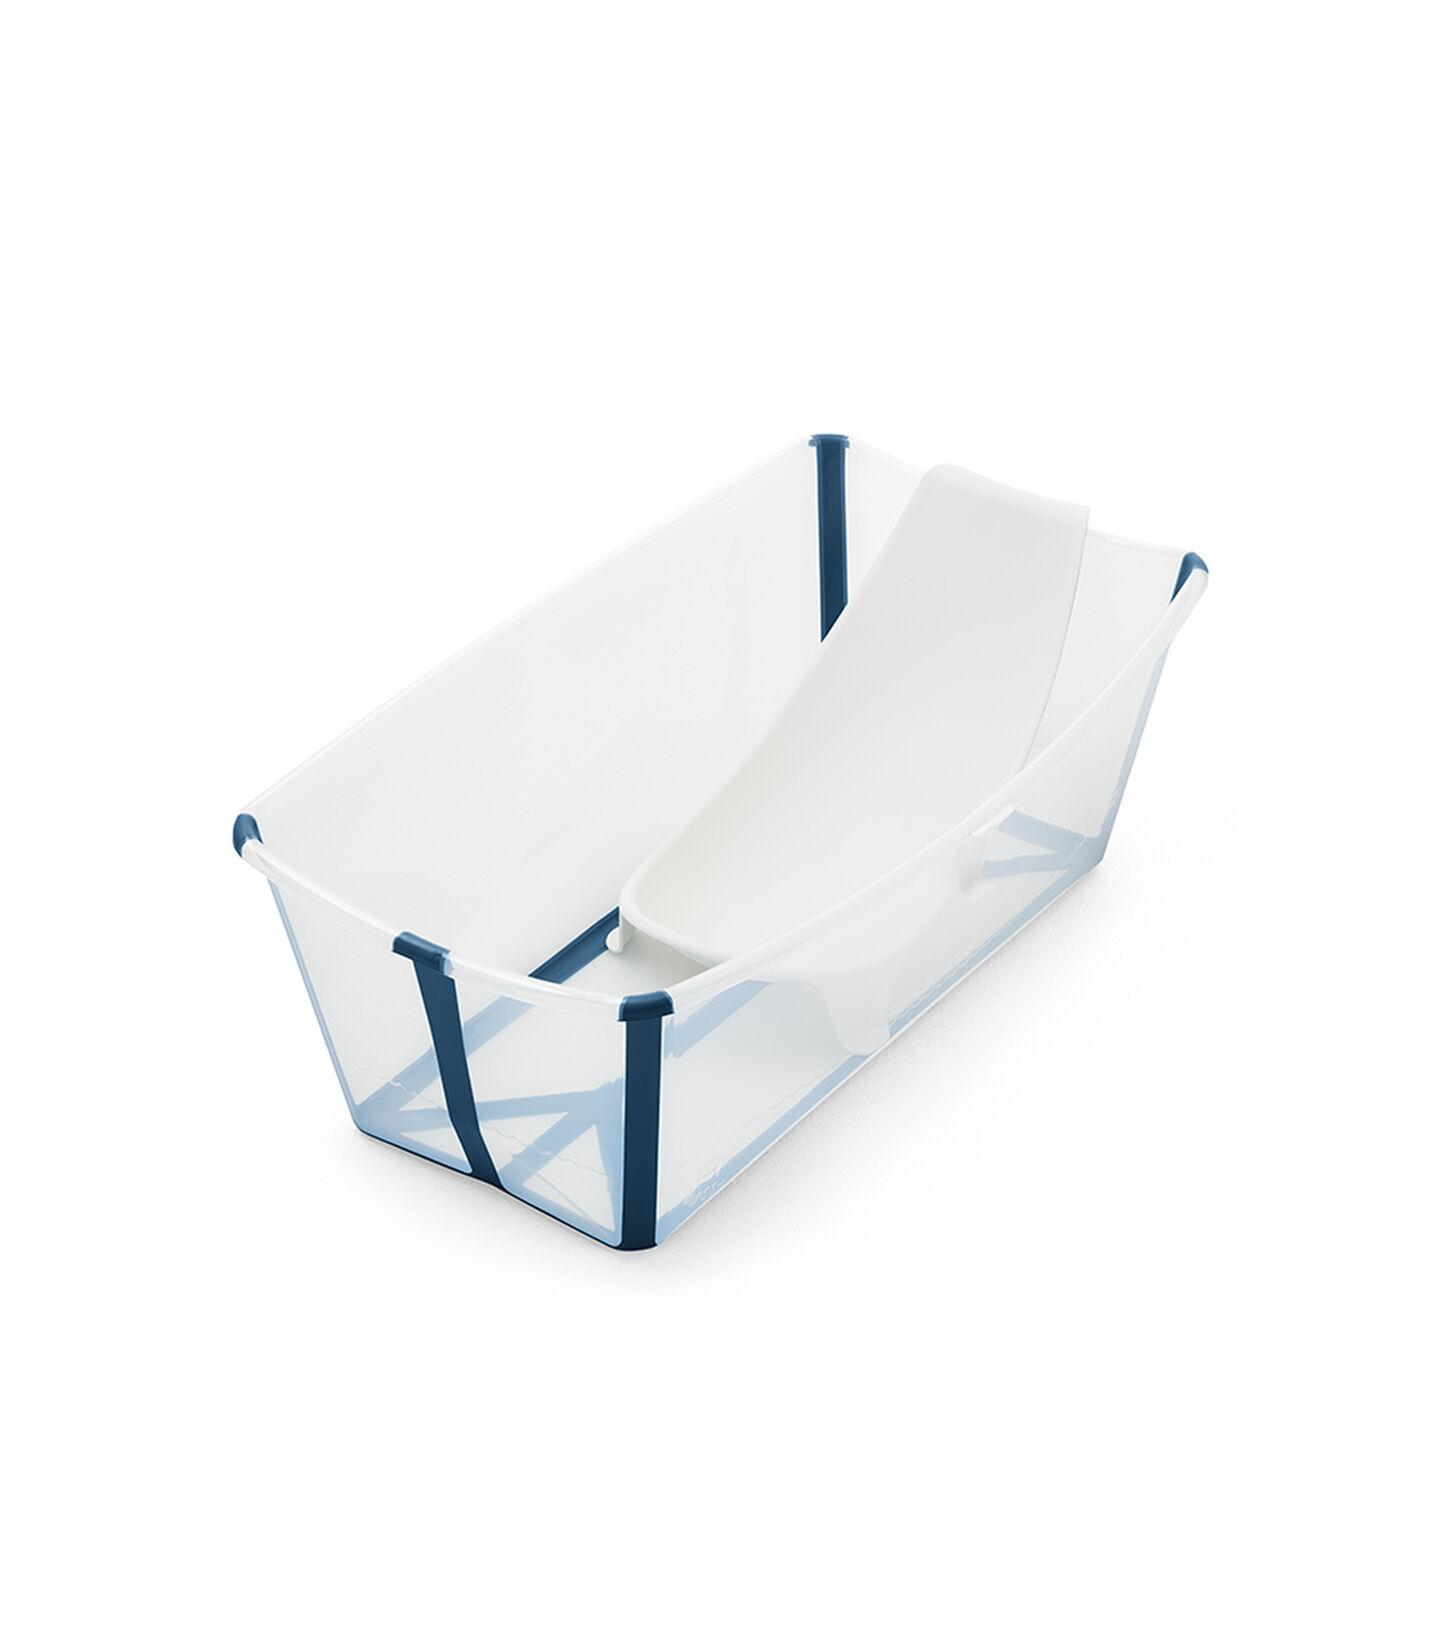 Stokke® Flexi Bath® bath tub, Transparent Blue with Newborn insert.